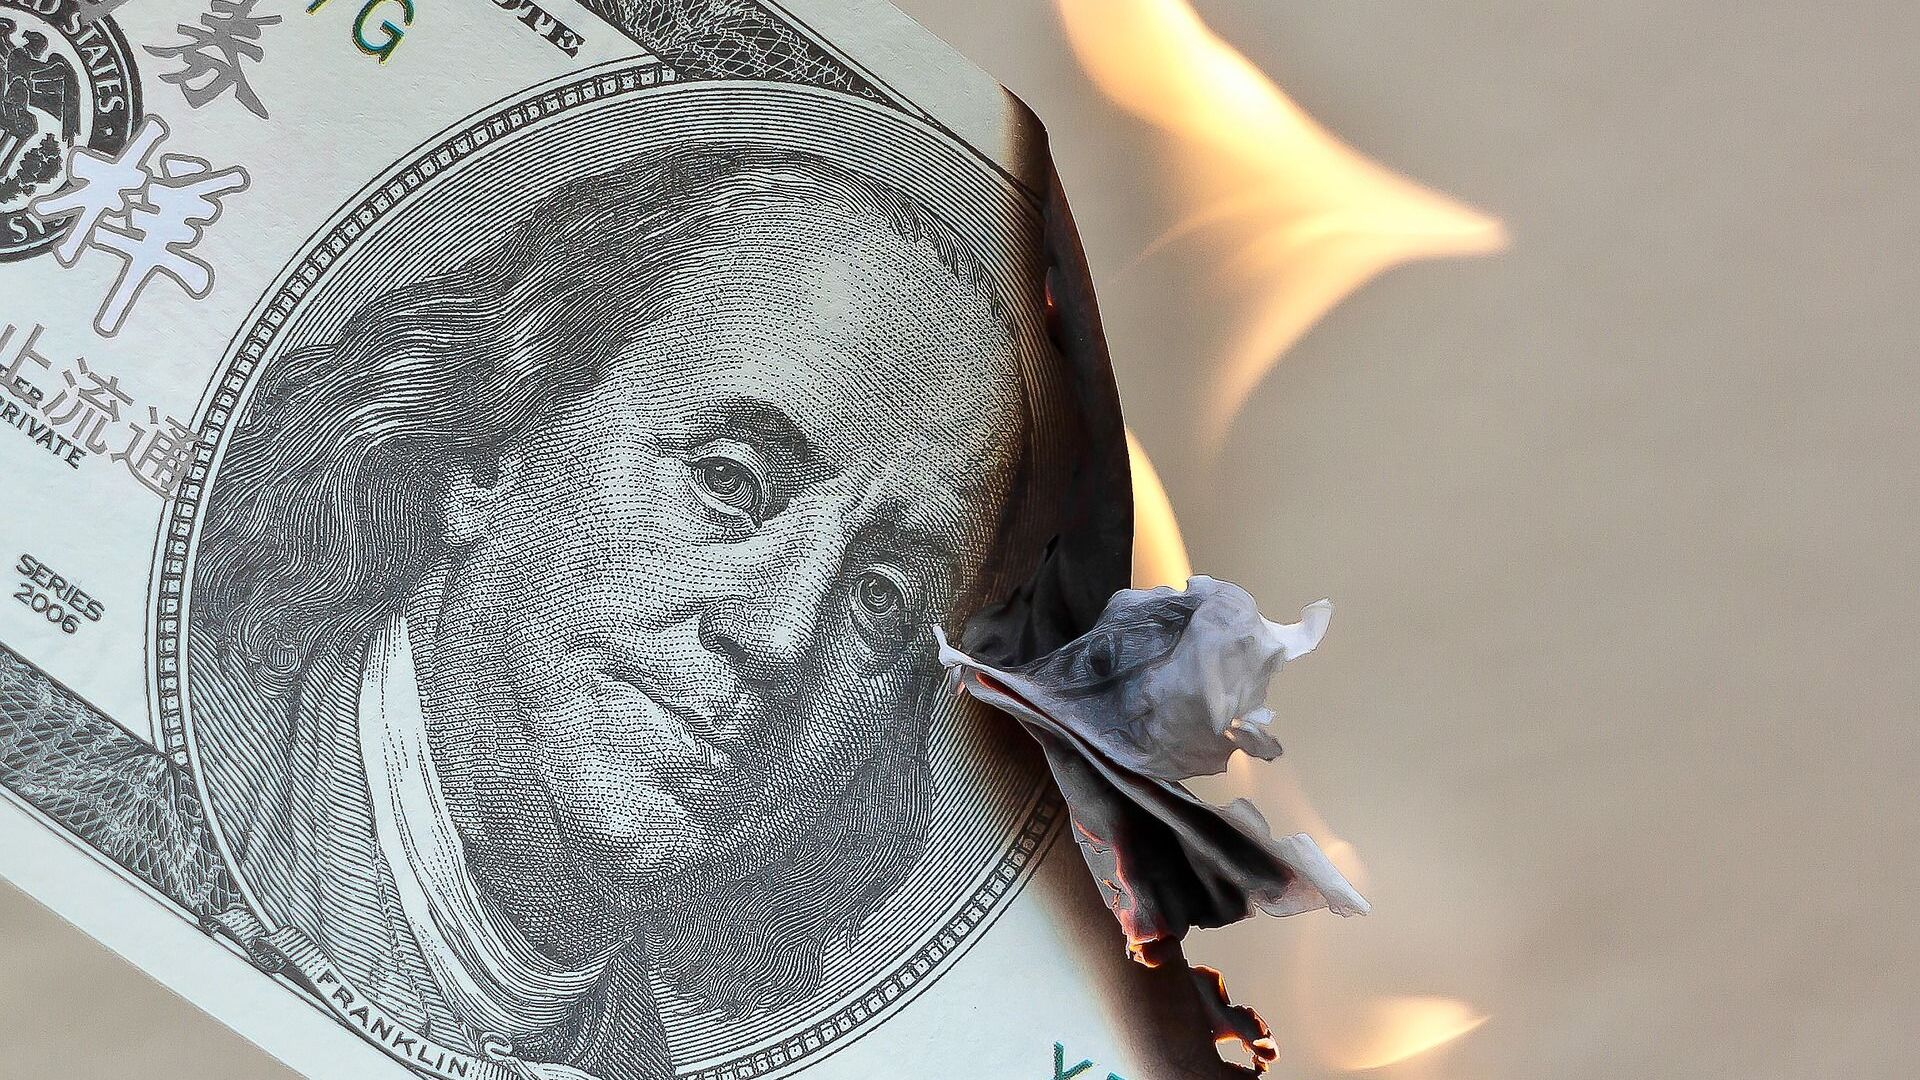 Un billete de dólares estadounidenses en llamas - Sputnik Mundo, 1920, 22.02.2021